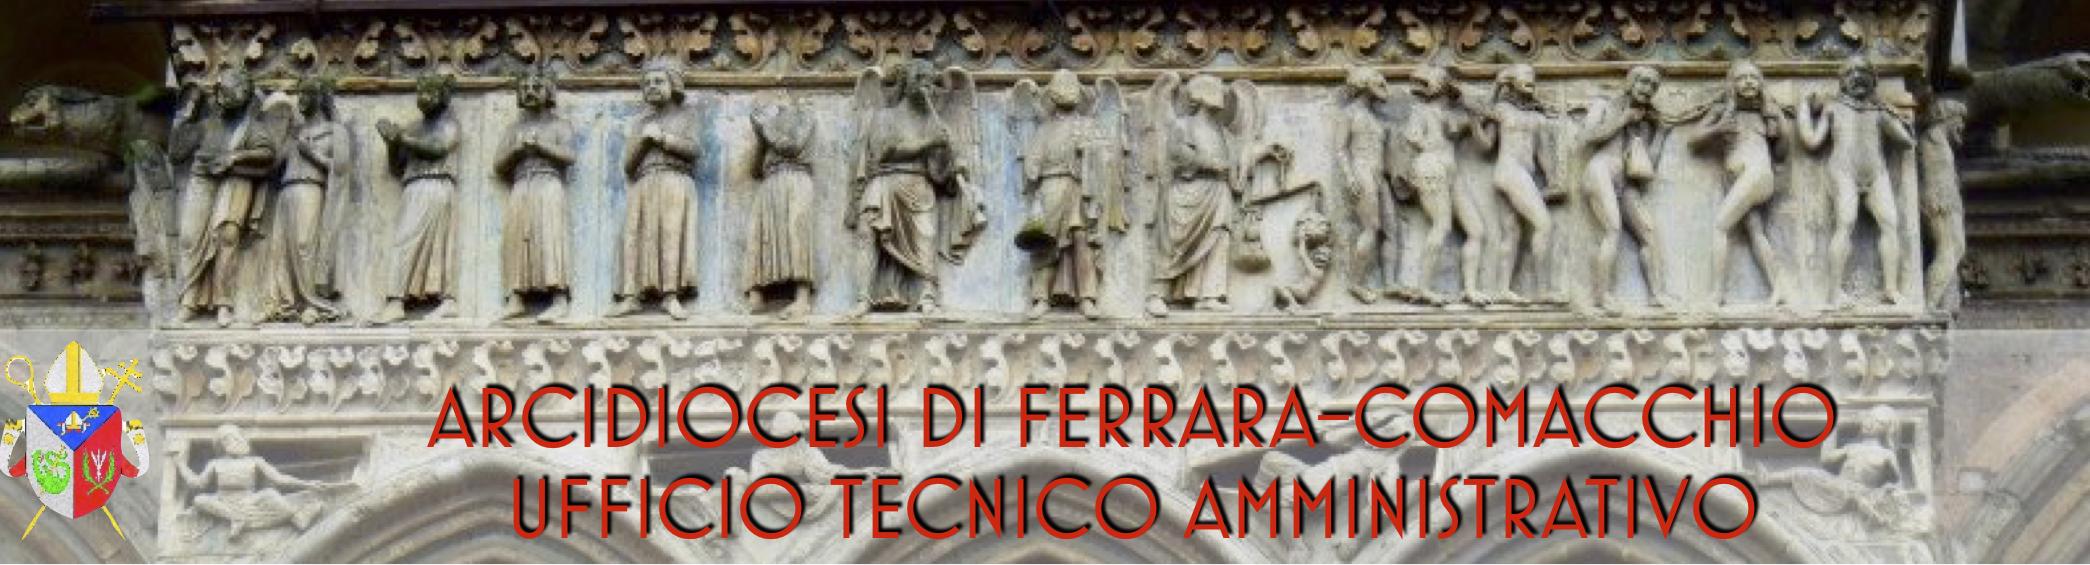 Ufficio Tecnico Amministrativo Ferrara